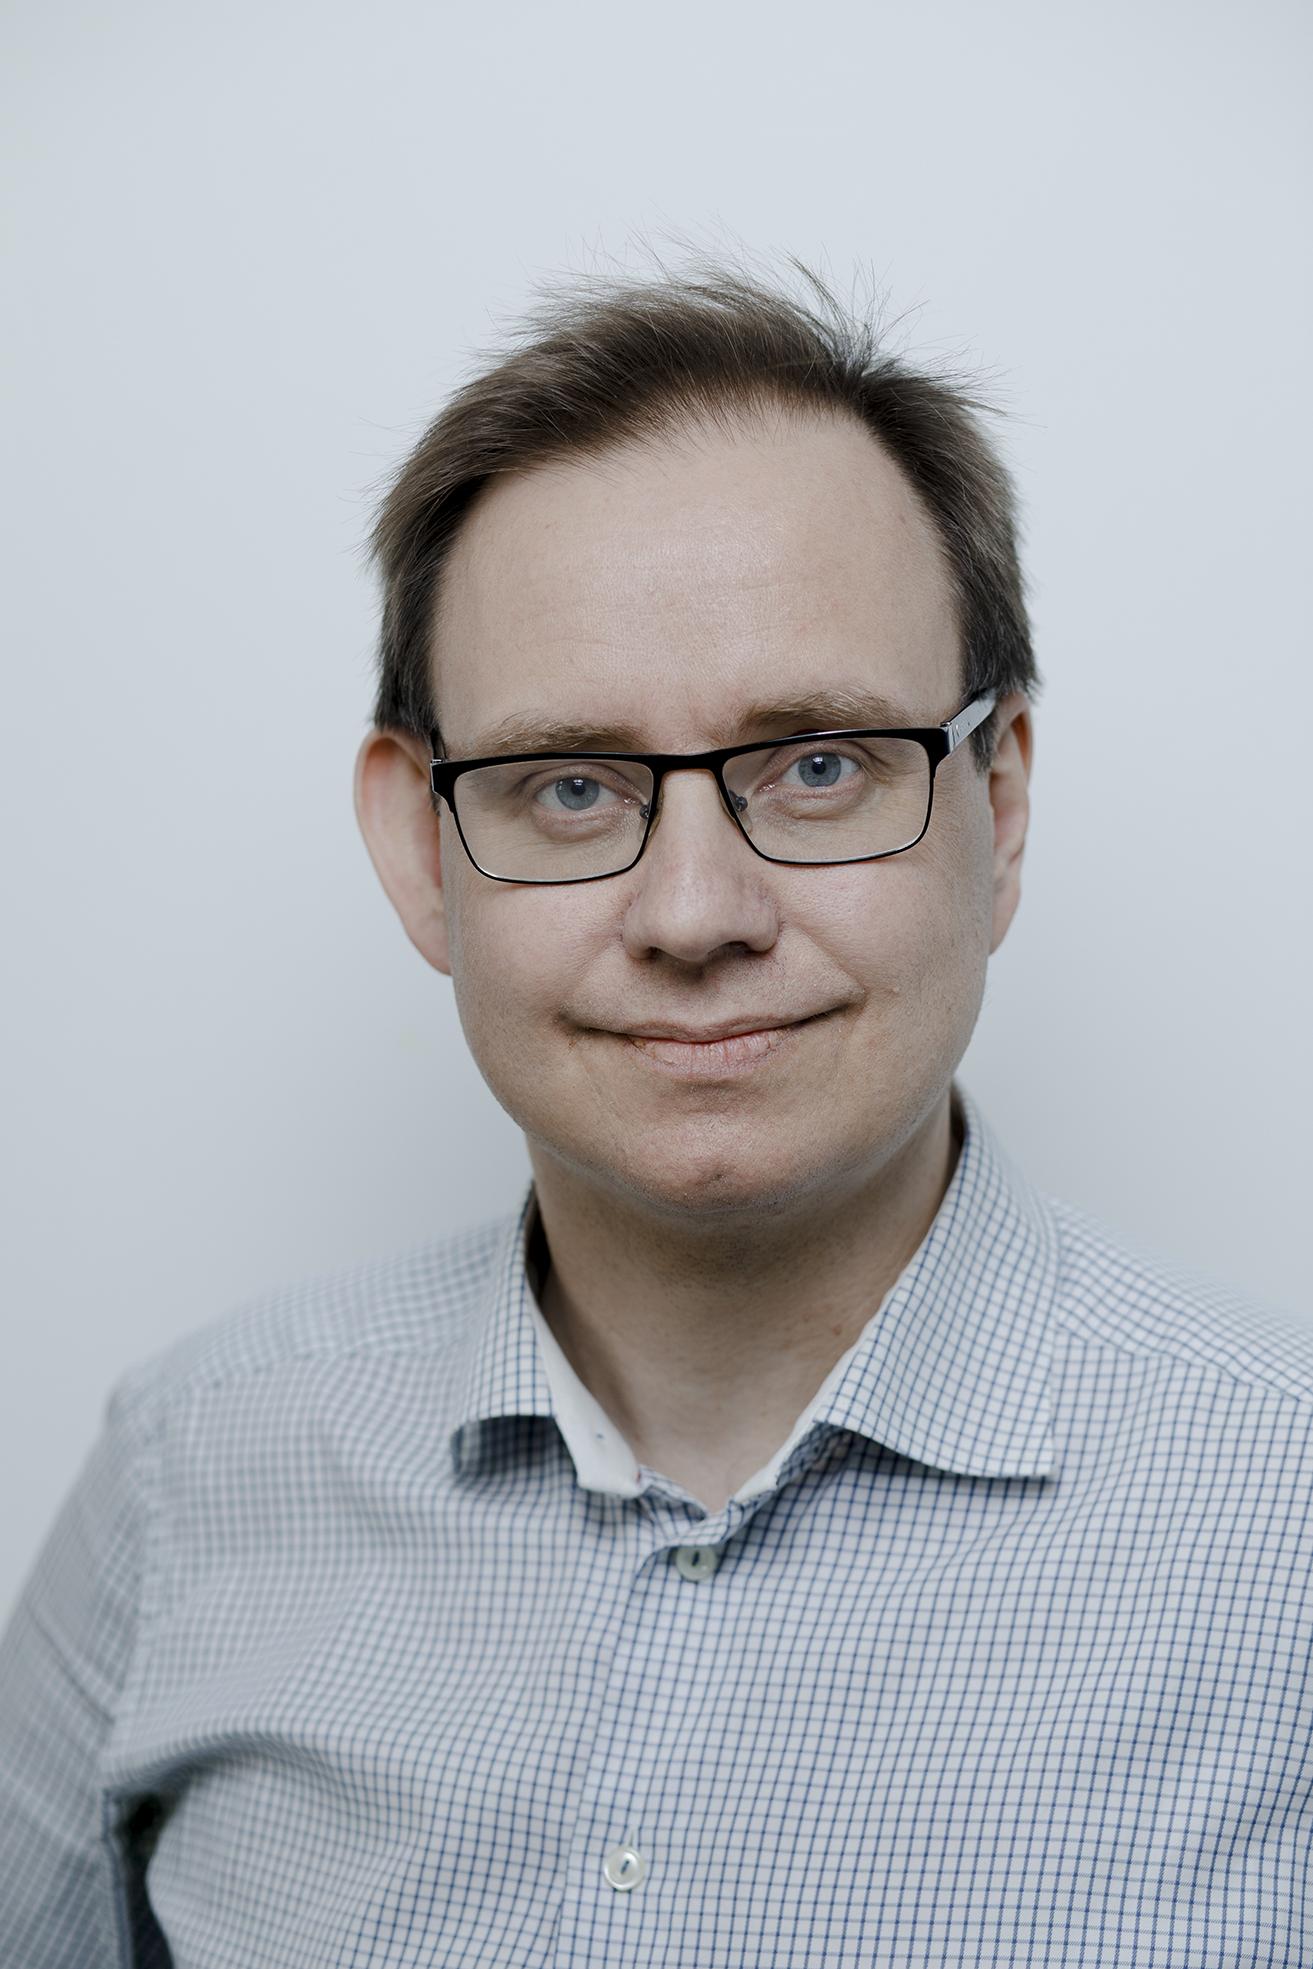 Petter Thornam